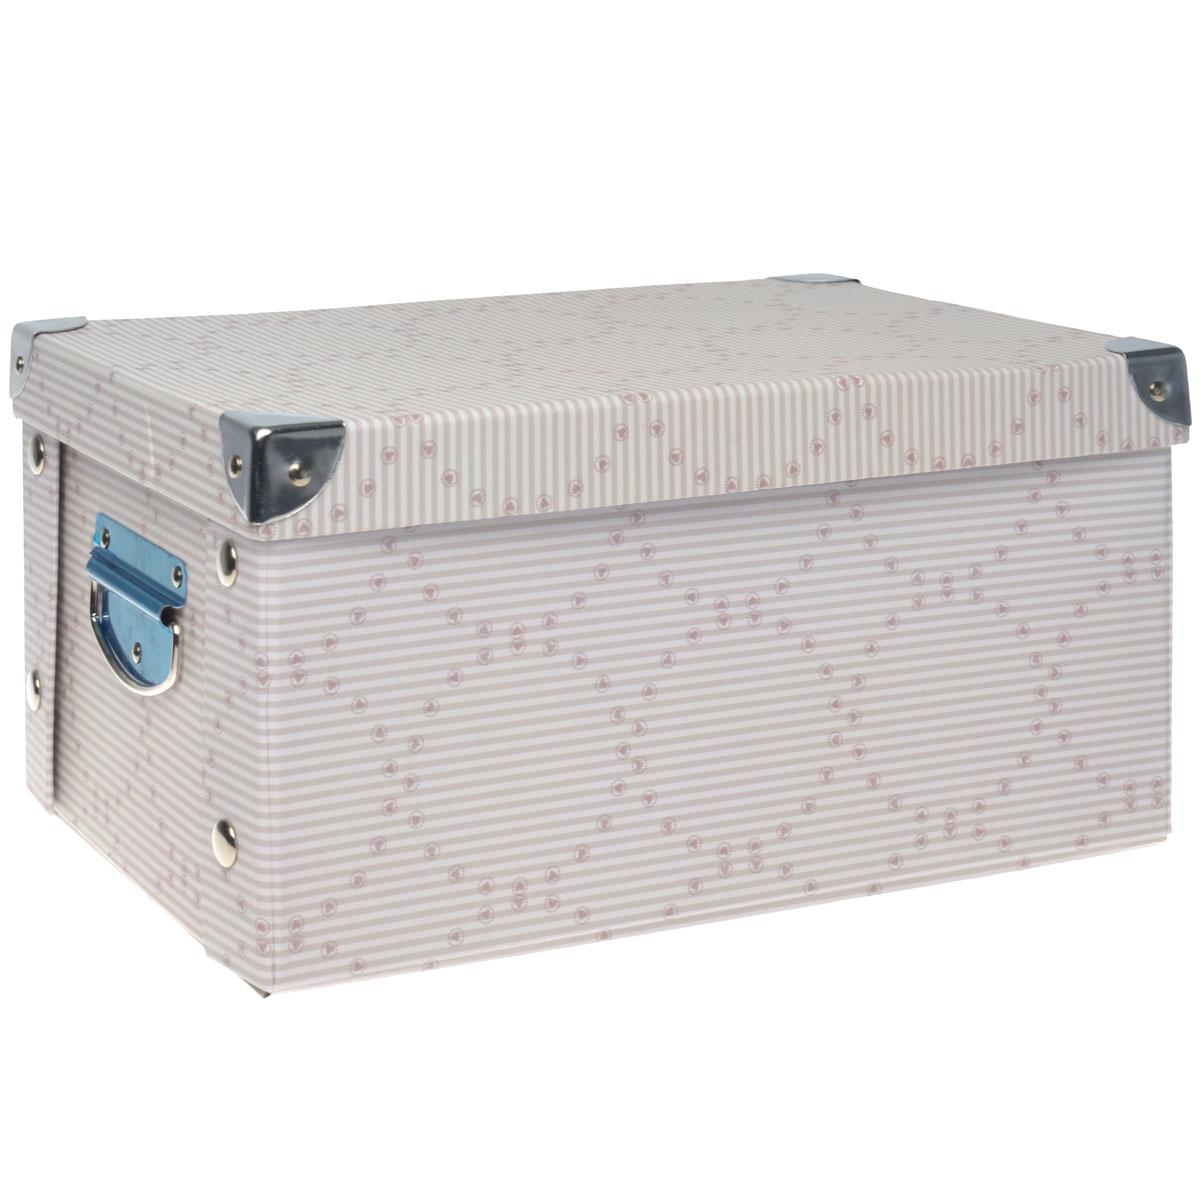 Коробка для хранения Hausmann, складная, цвет: серый, розовый, 35 х 25 х 17,5 смHM-9742-3